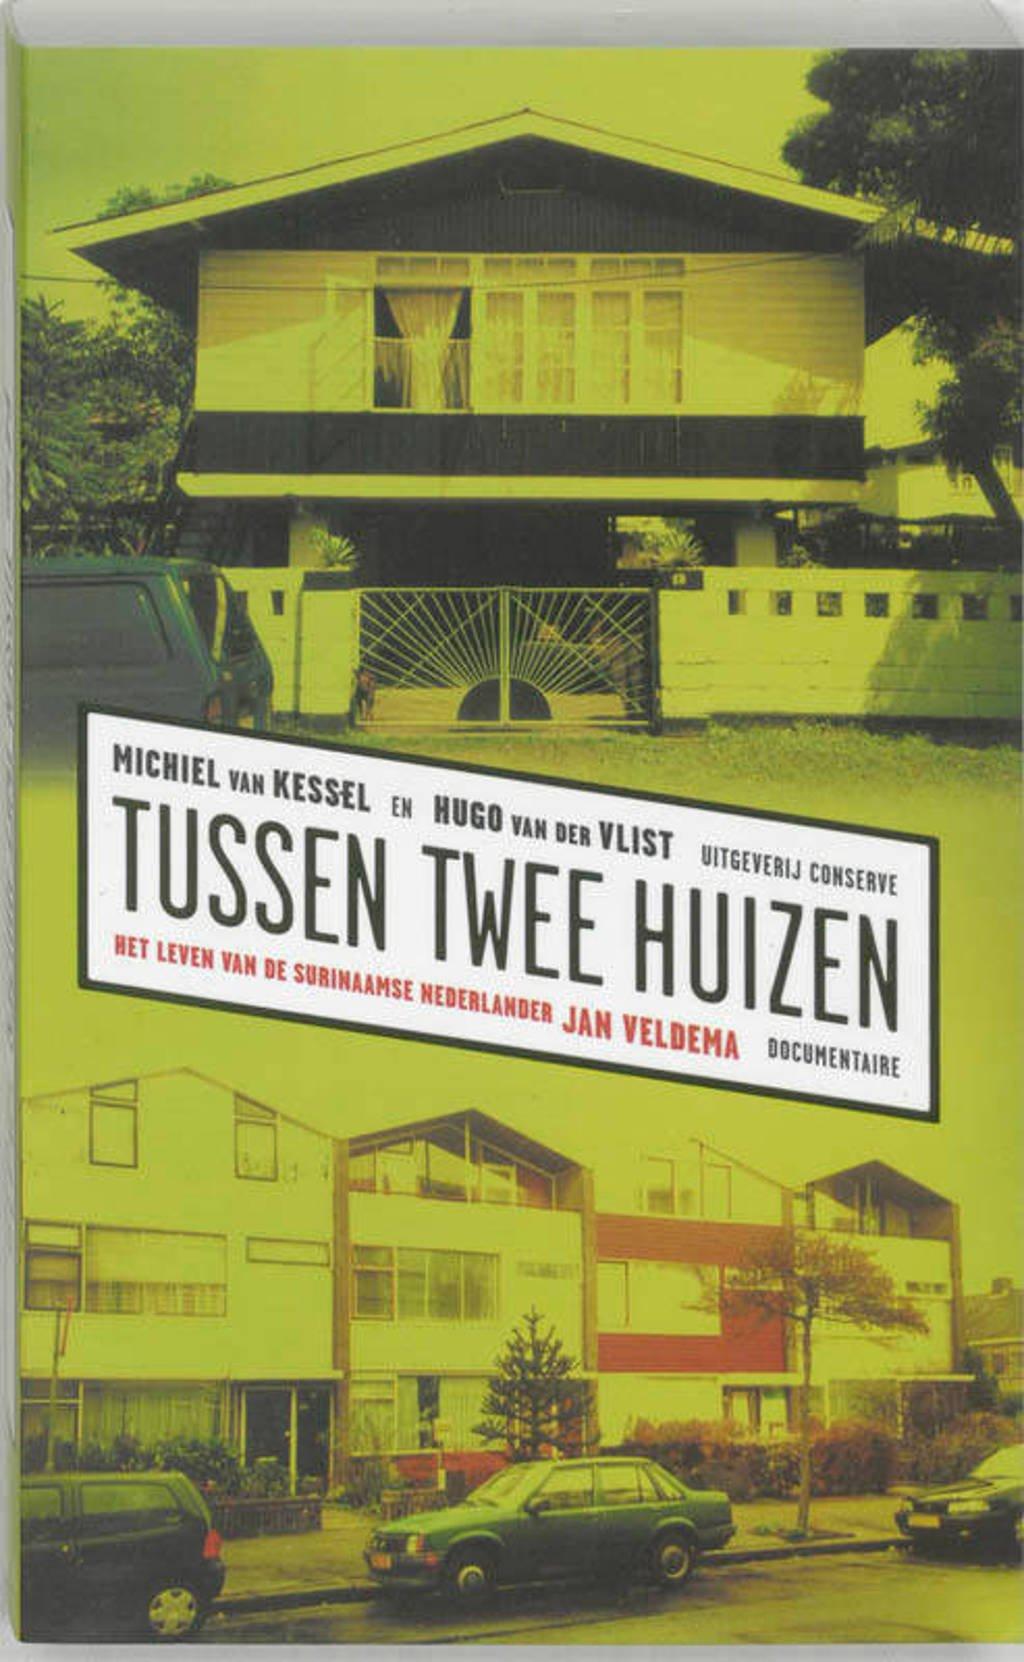 Tussen twee huizen - M. van Kessel en H. van der Vlist